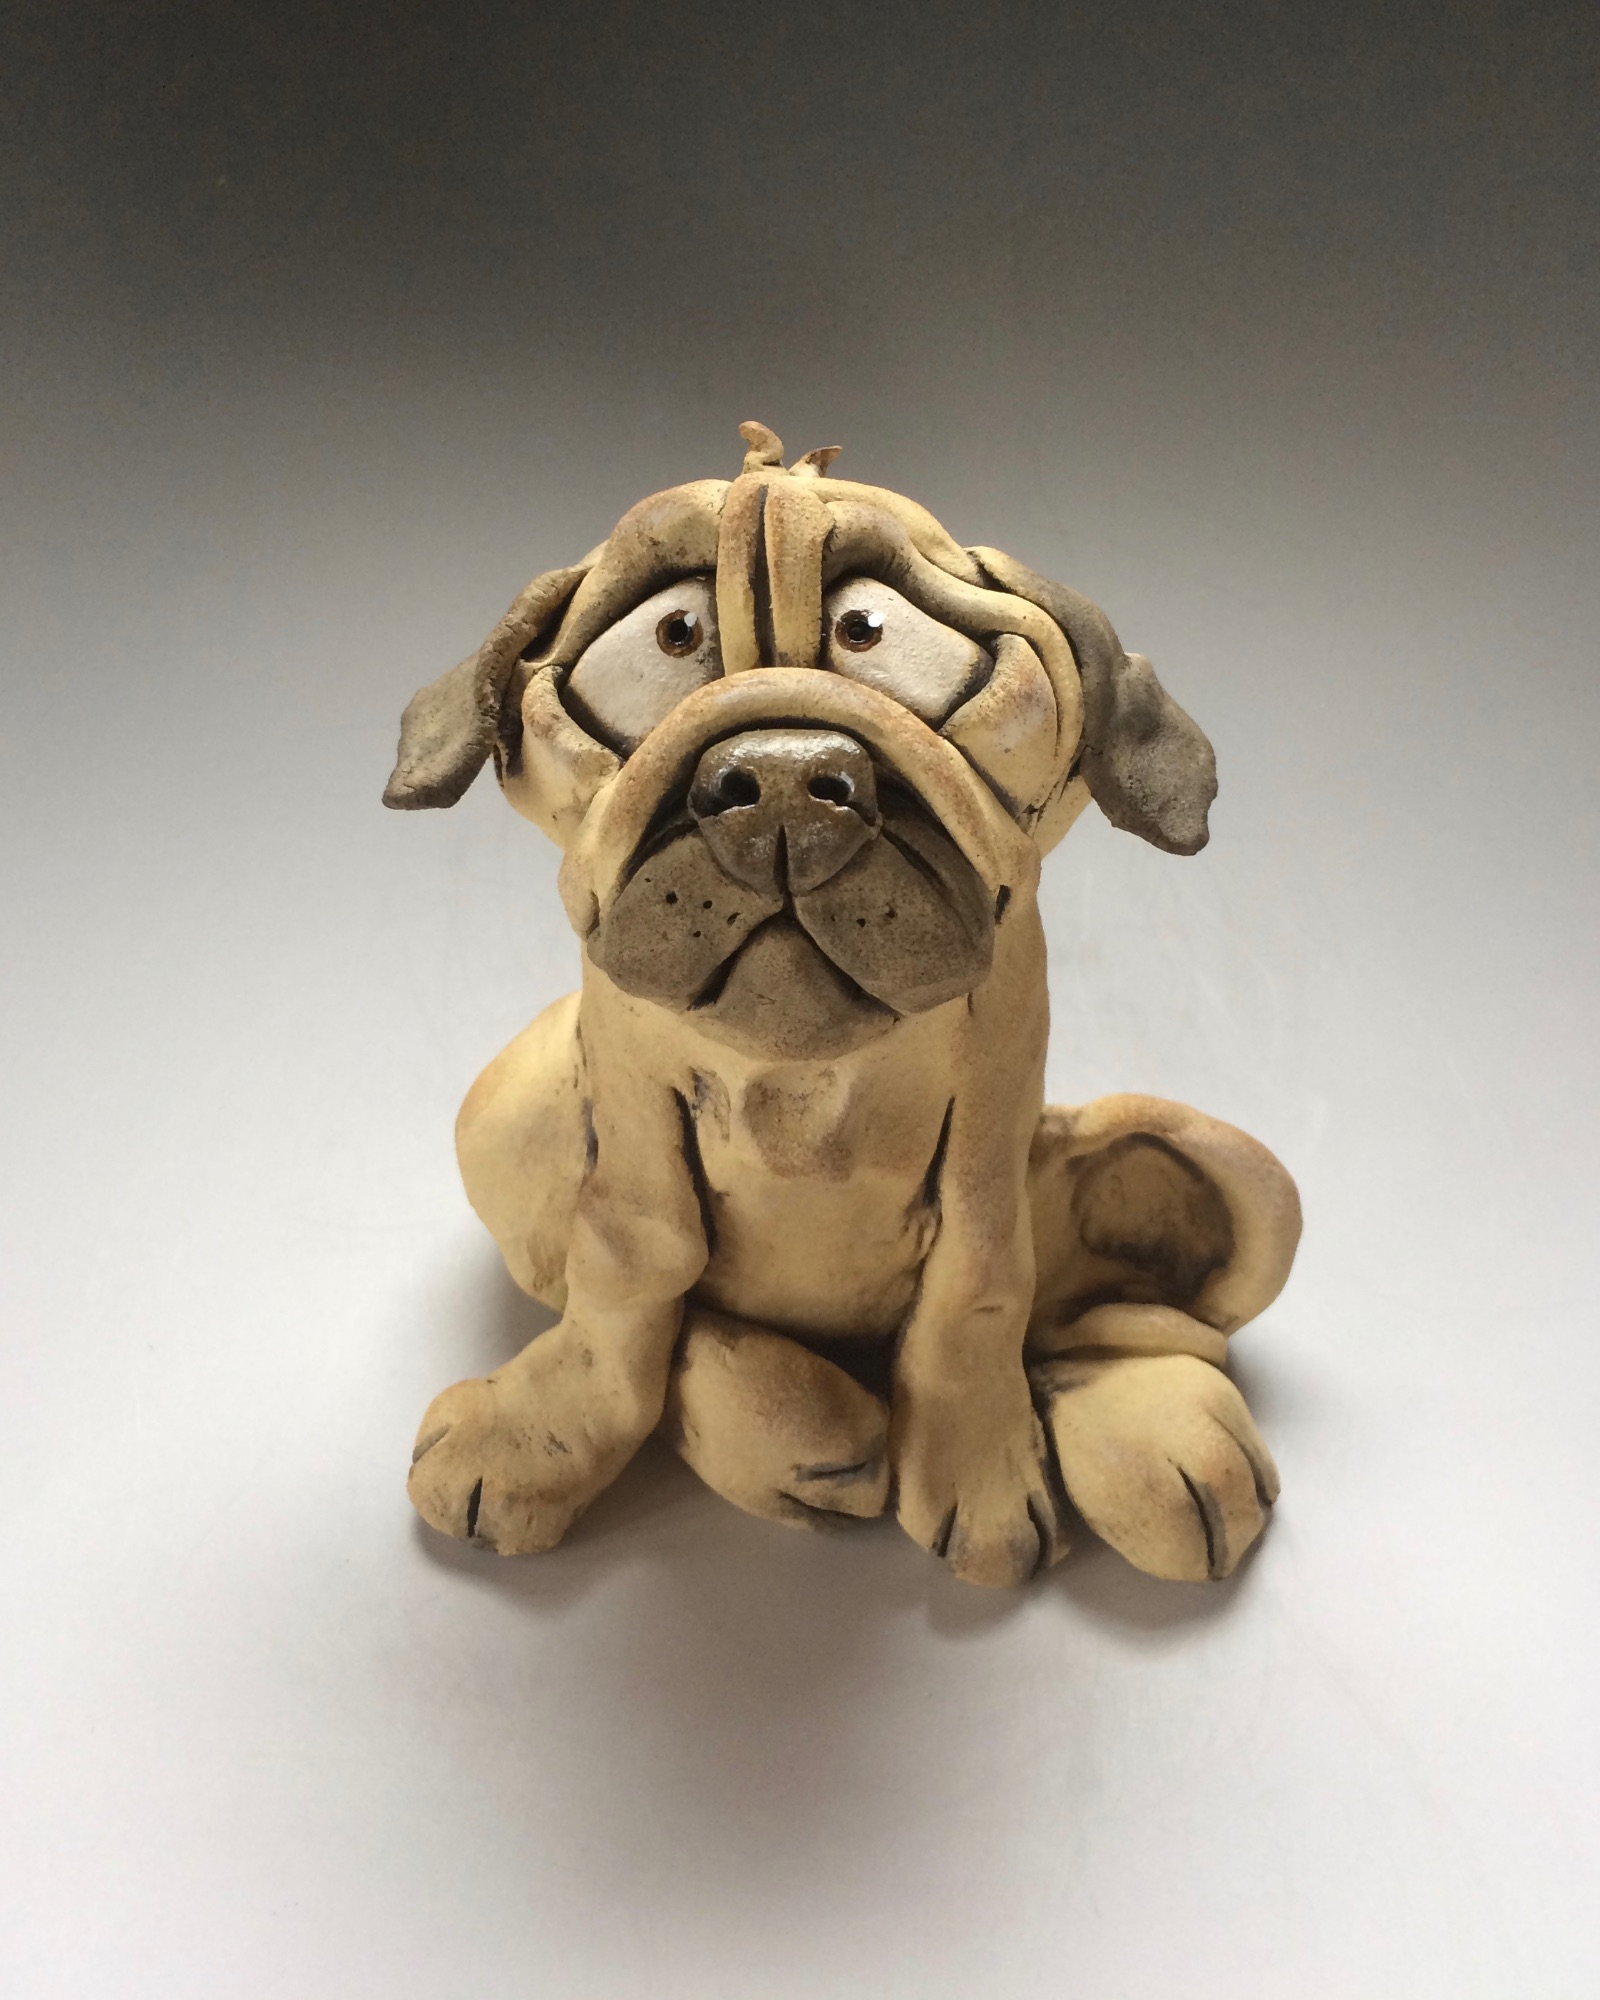 Pug Dog Sculpture Ceramic